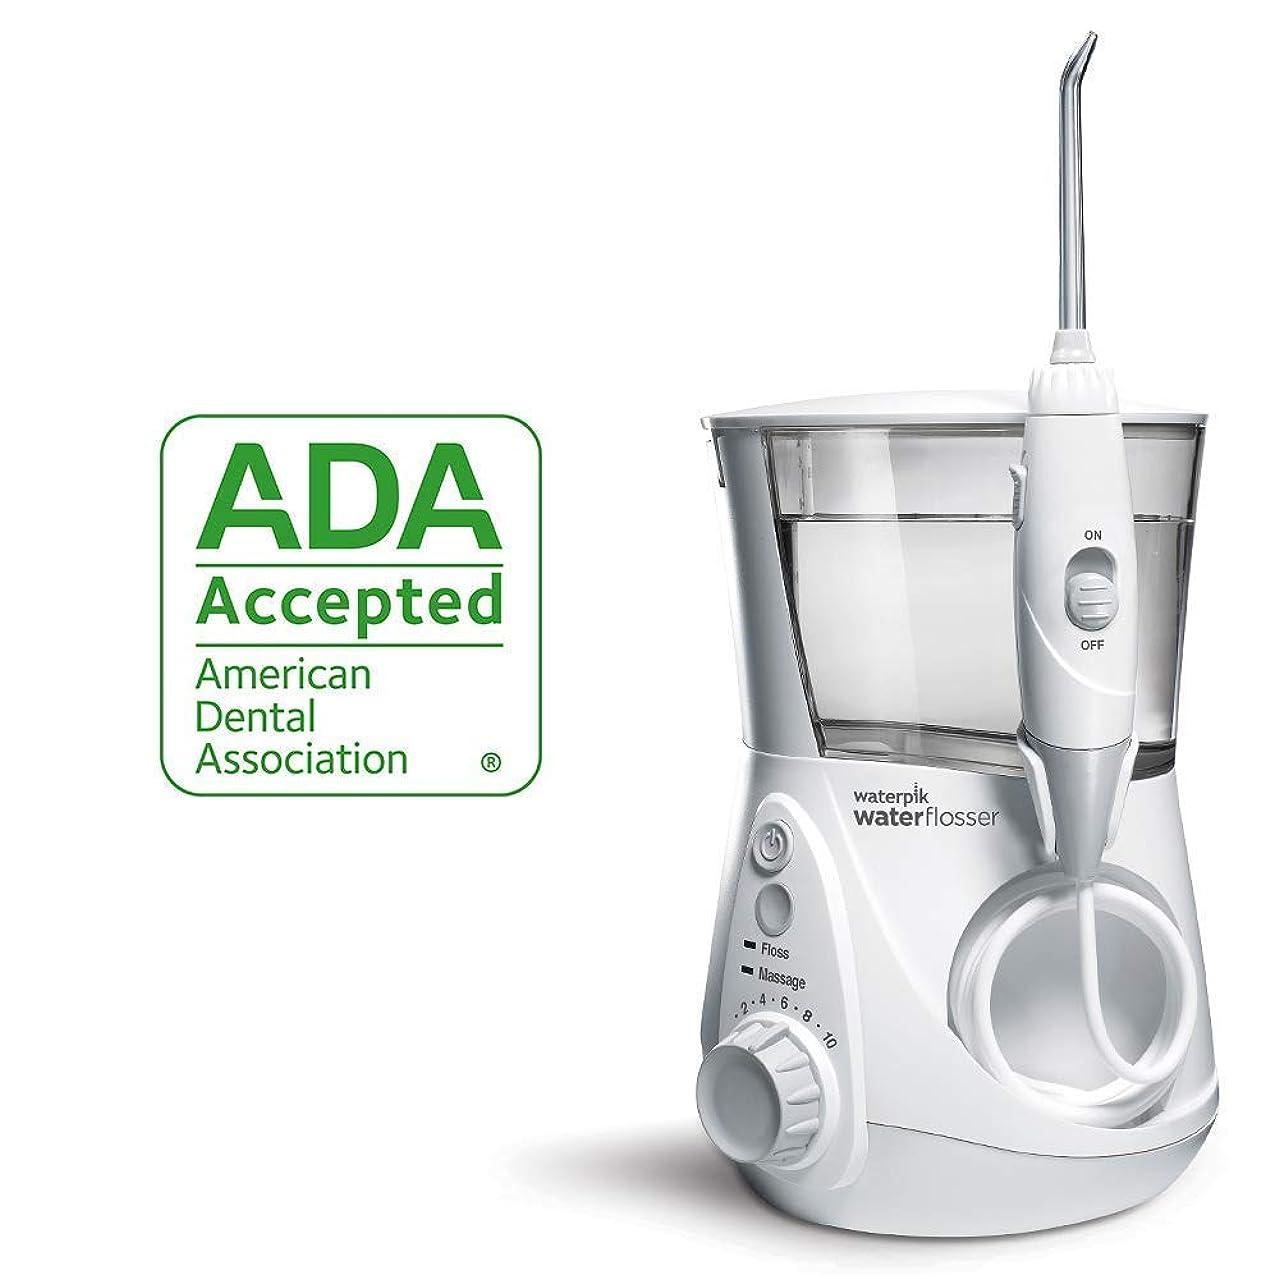 家畜家事をする剃る[(ウォーターピック) Waterpik] [ADA Accepted WP-662 Aquarius Water Flosser] (並行輸入品)